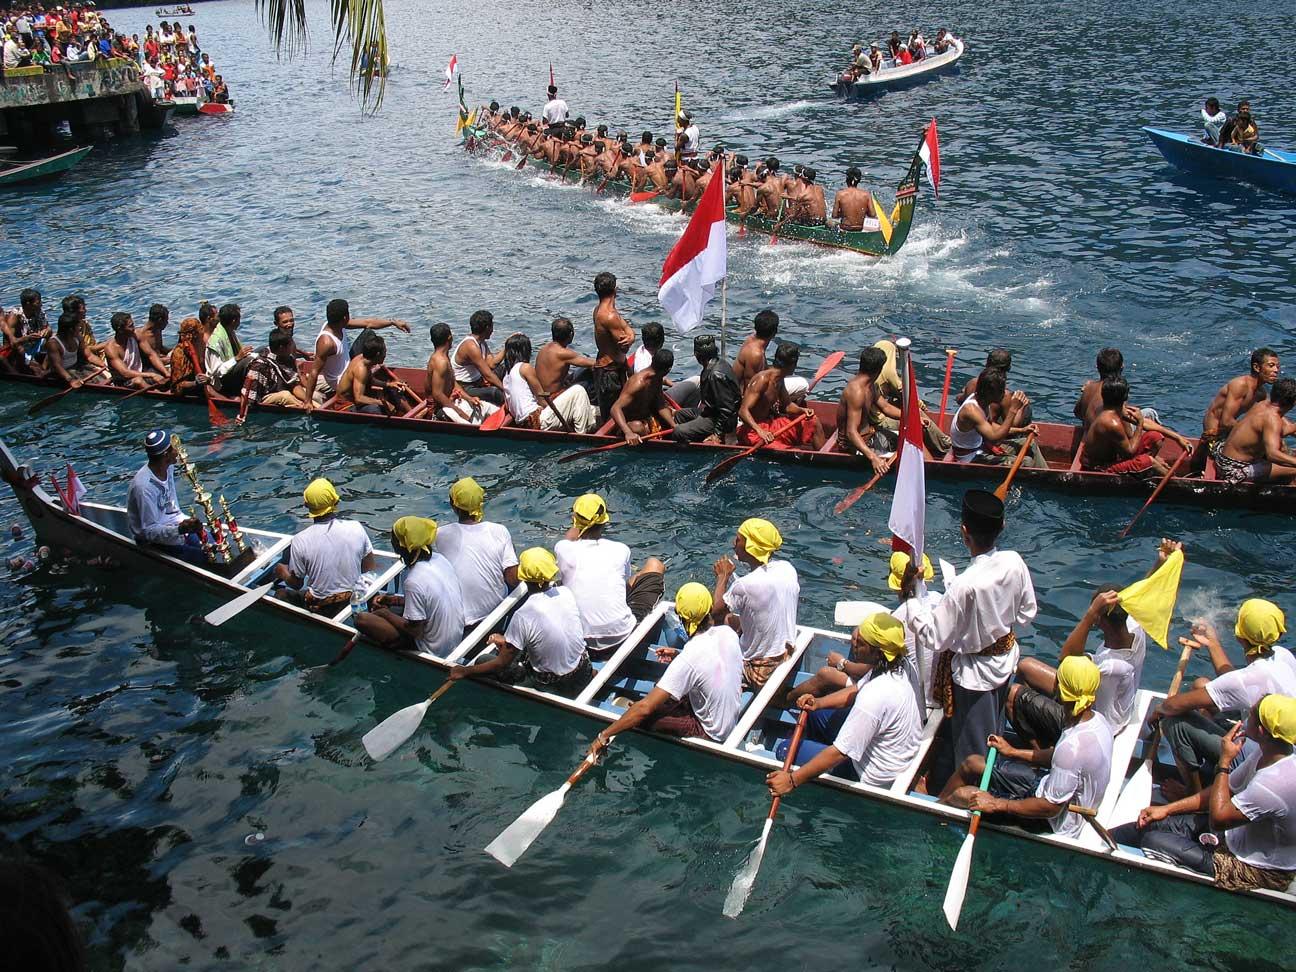 Kora-kora merupakan armada kapal perang masyarakat Maluku ketika melawan penjajah